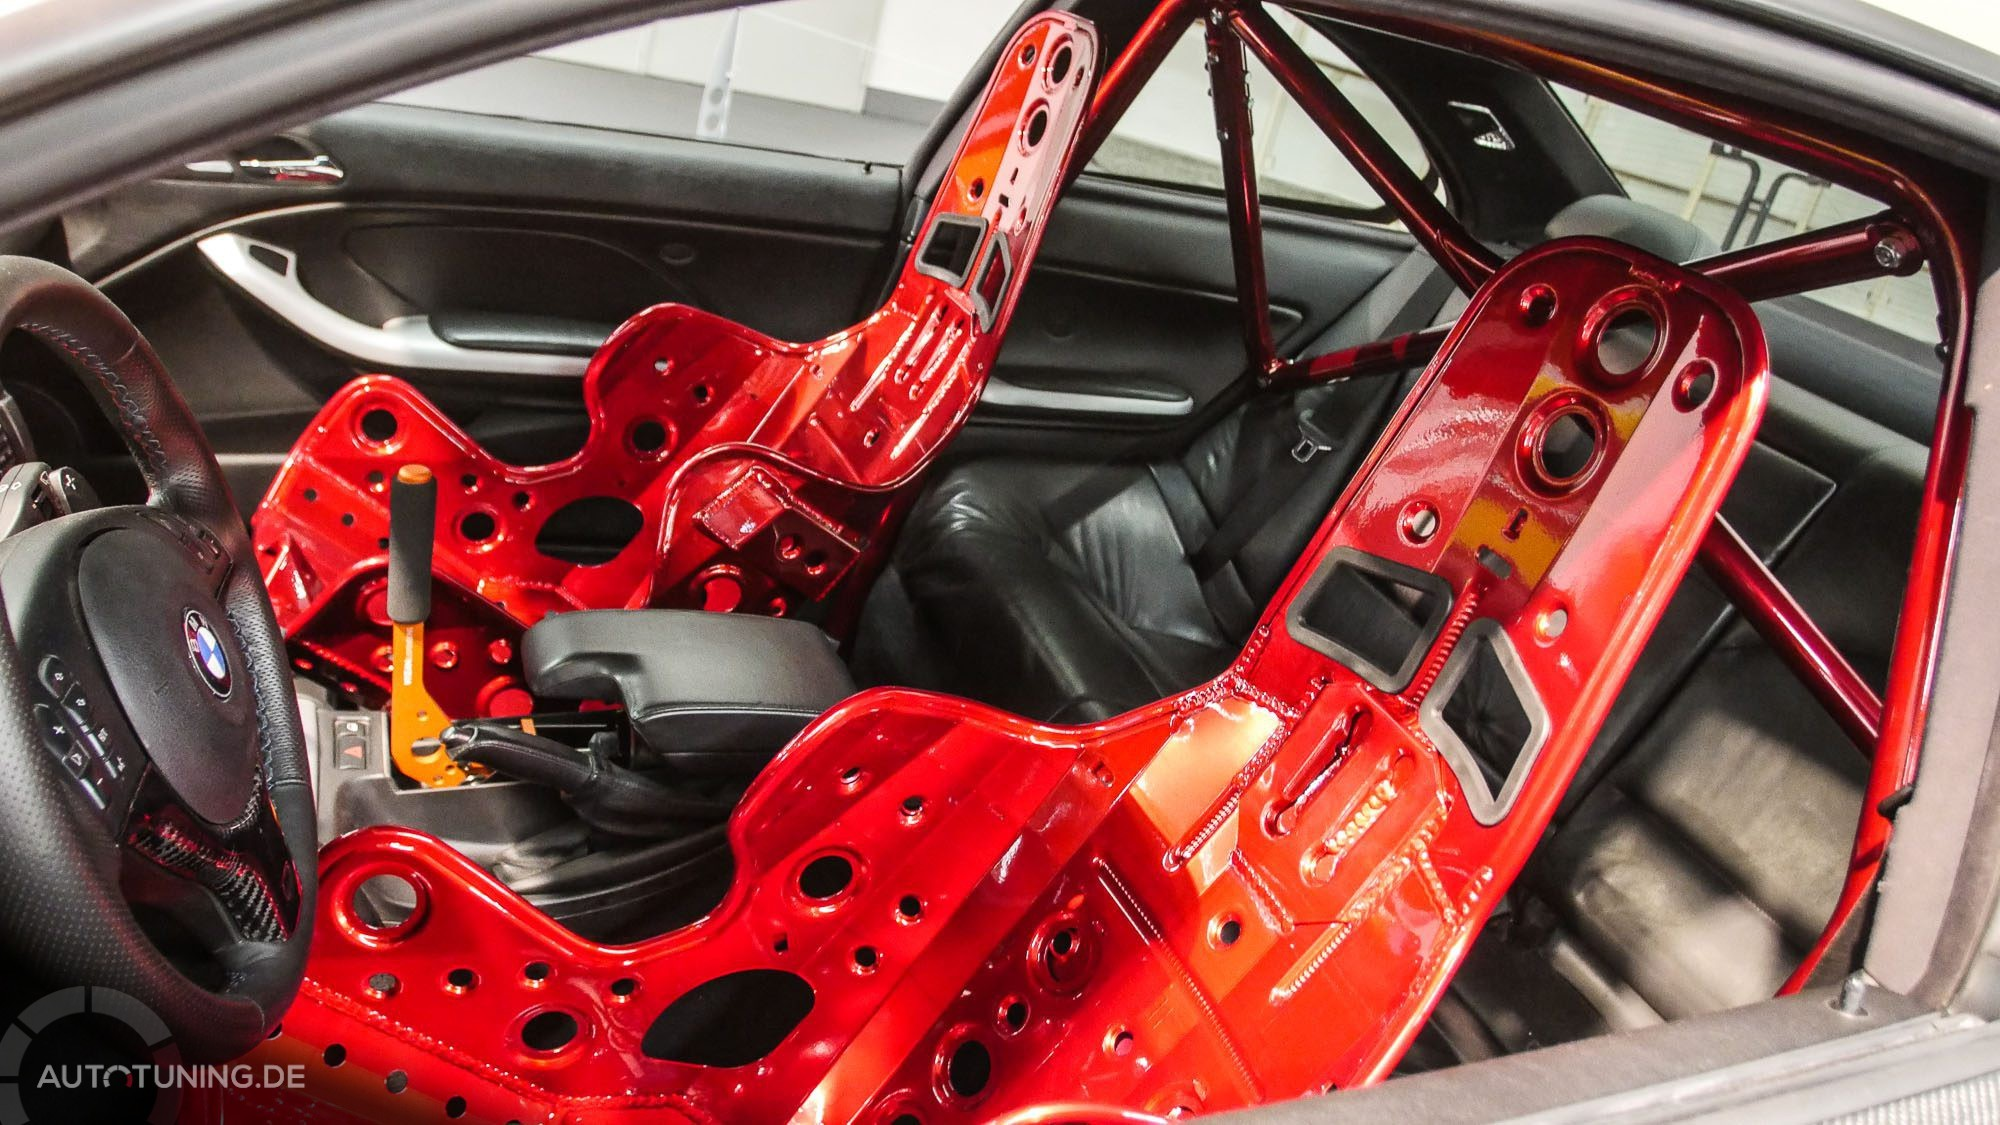 Rote Sitzarmaturen, passend zum Überrollbügel im Innern eines BMW